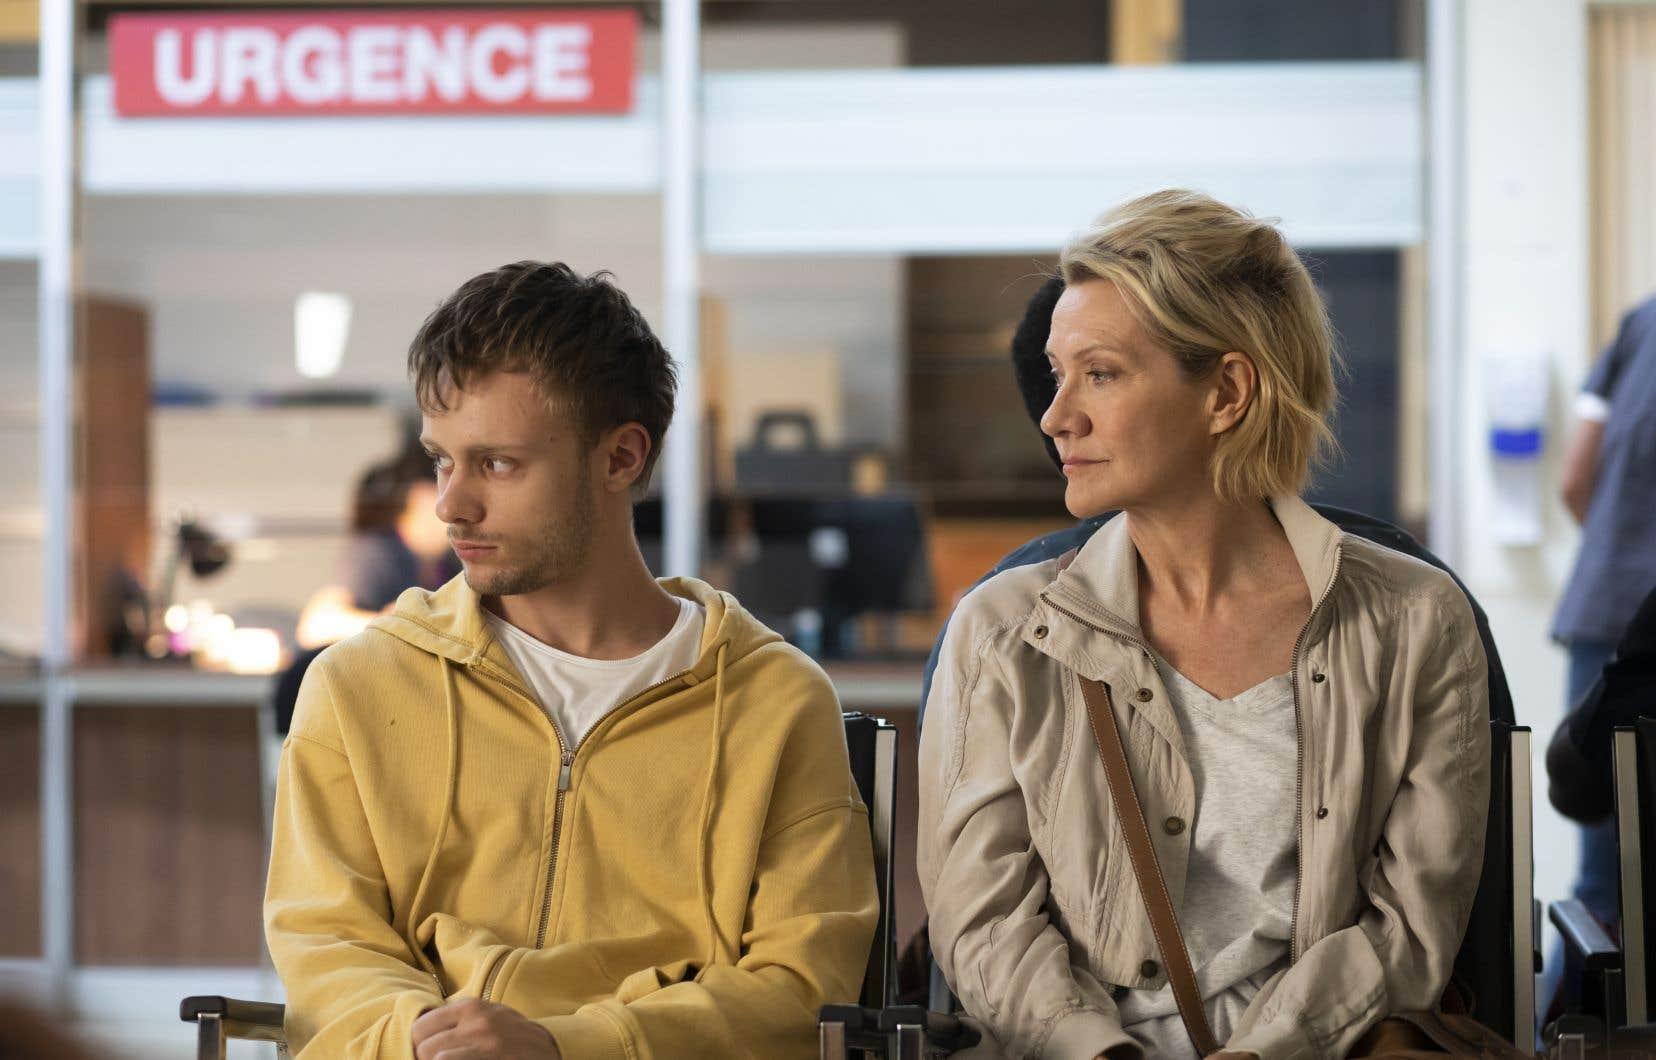 Jacob (Antoine L'Écuyer) n'a pas d'autre choix que de se rendre à l'hôpital, où il risque de rester un certain temps. Sa mère Marielle (Élise Guilbault) vit à la fois du déni et de l'impuissance devant son grand ado.